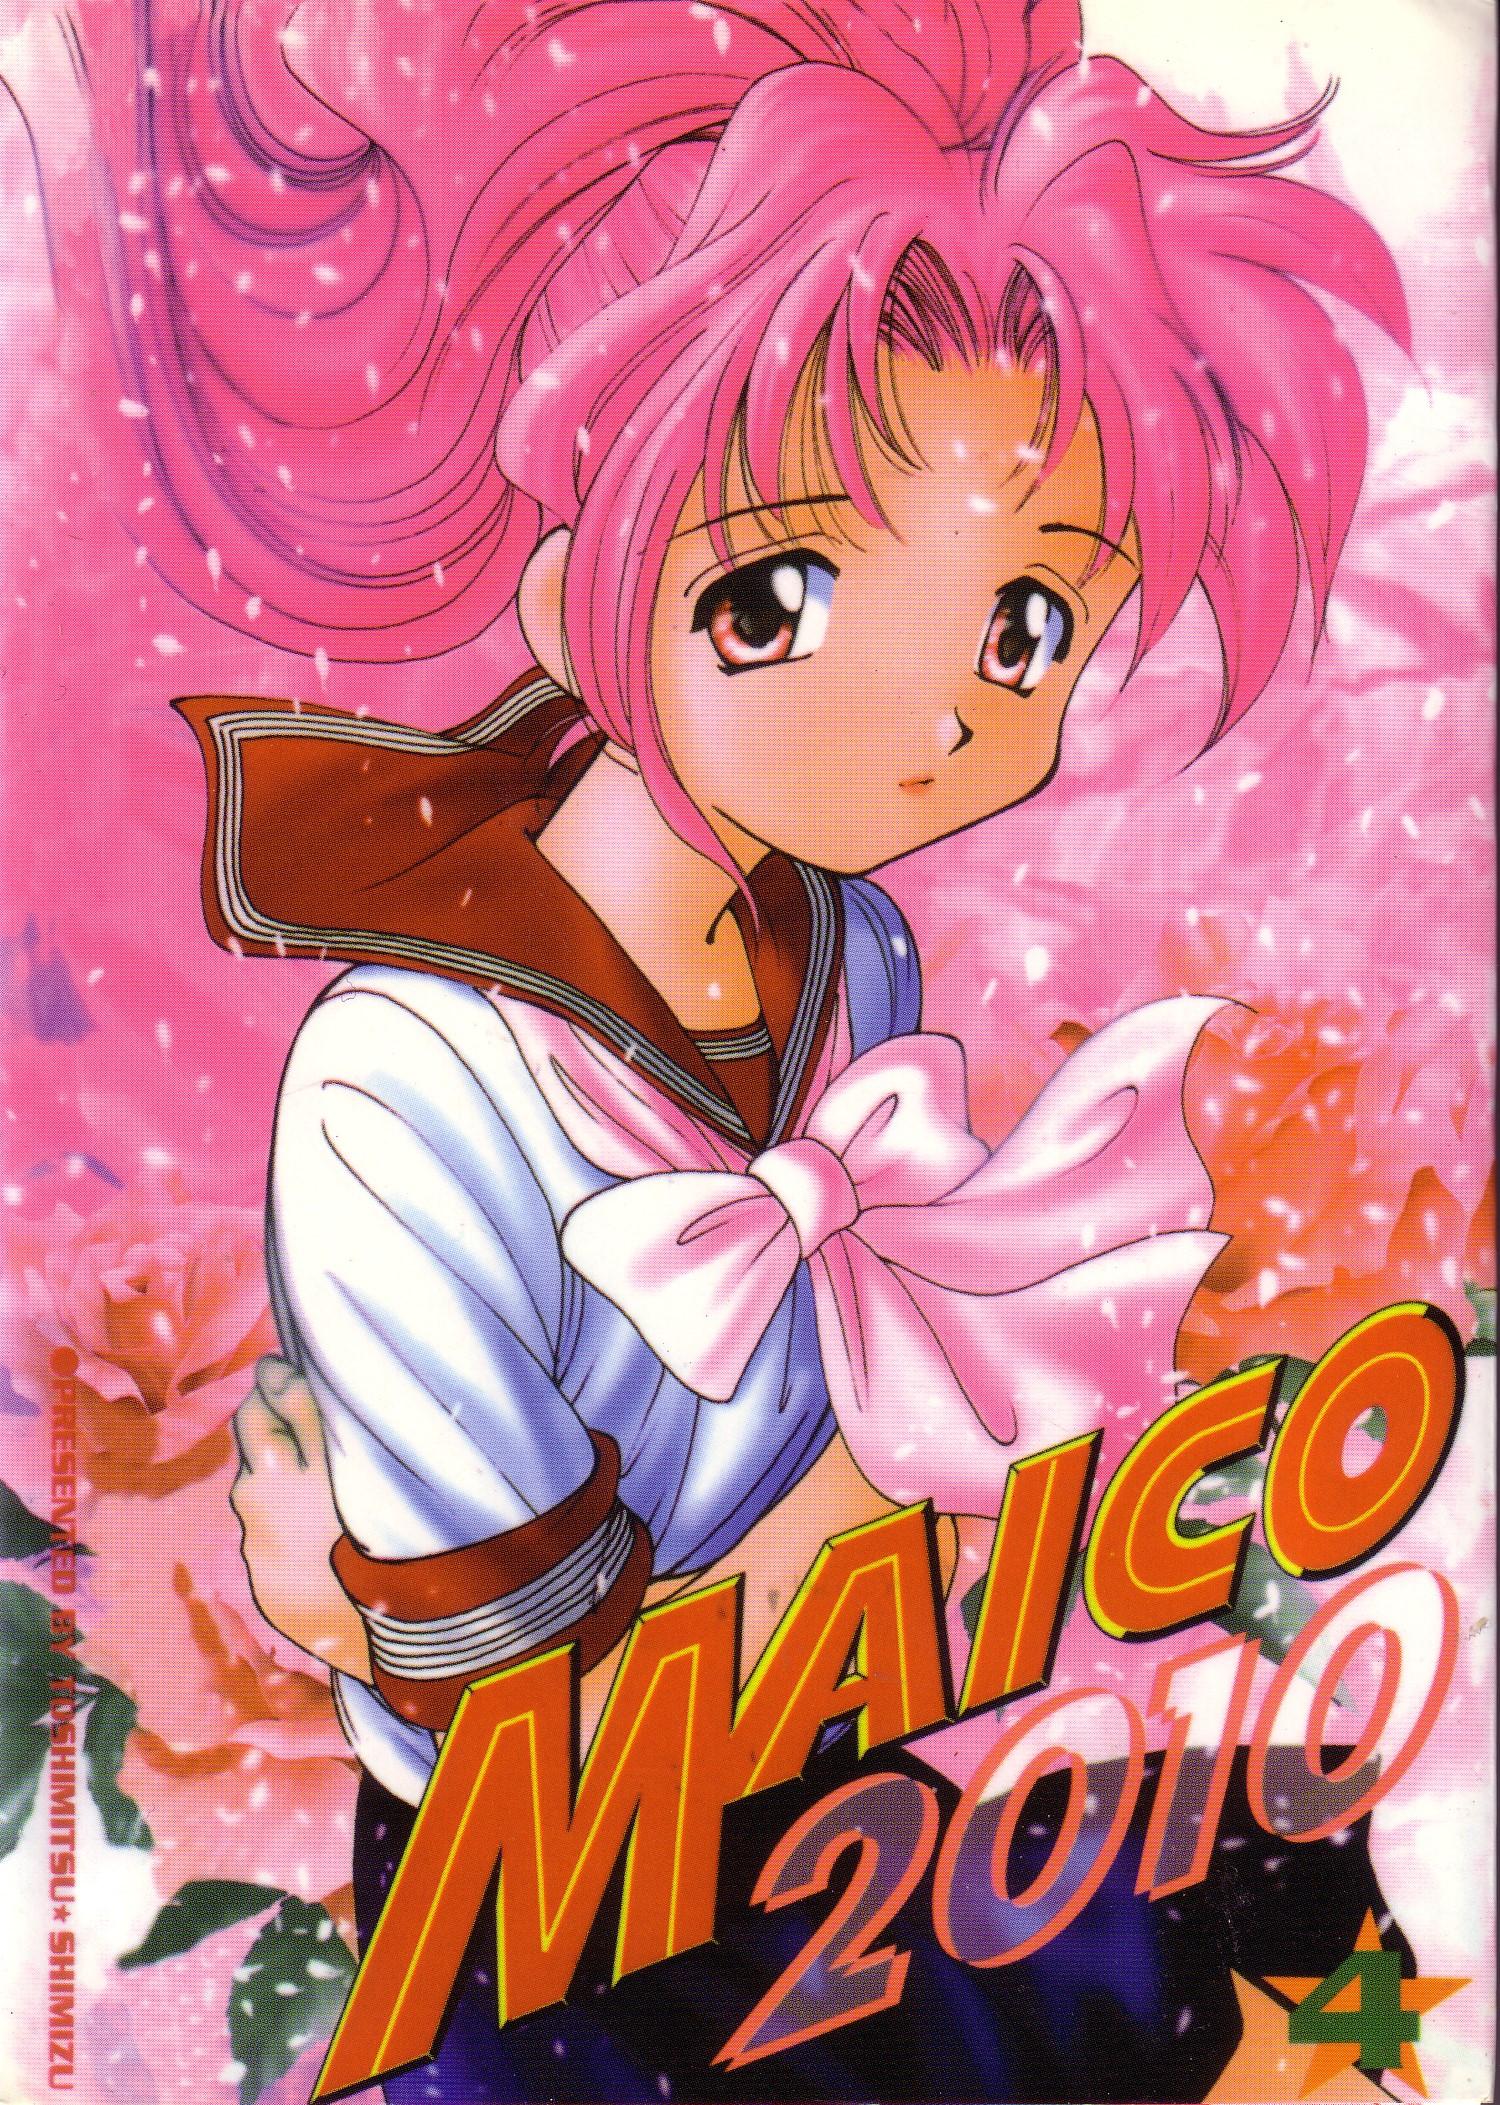 http://ami.animecharactersdatabase.com/uploads/2295-65560495.jpg